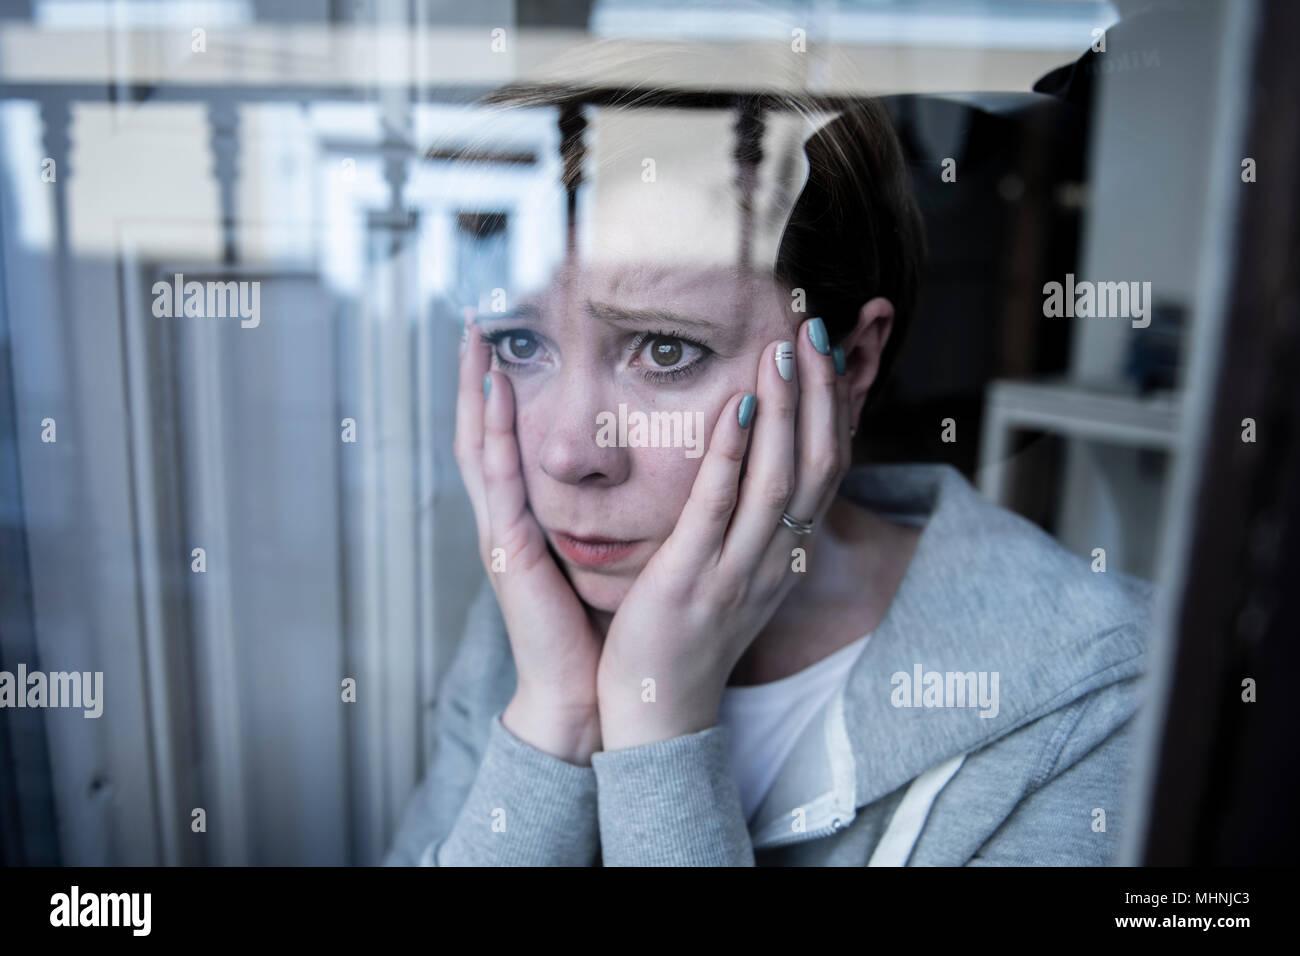 Junge schöne depressiv unglücklich kaukasische Frau besorgt und traurig durch das Fenster zu Hause. Gefühl, wertlos und Schmerzen. closeup. Depressi Stockfoto